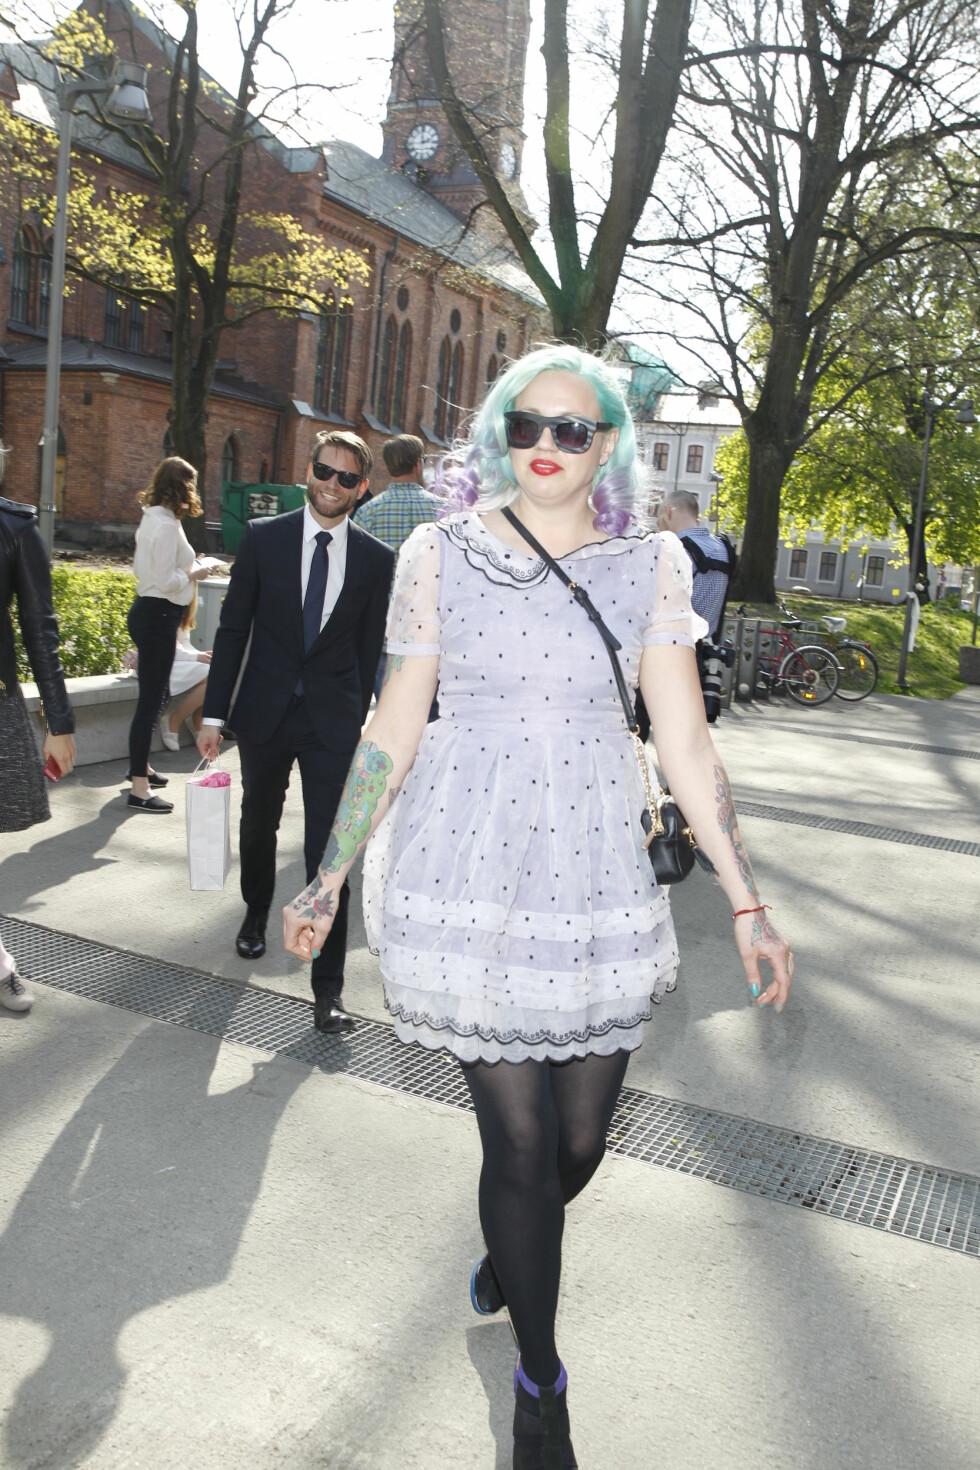 LILLA: Motedesigner Fam Irvoll var kledd i en kjole som matchet (den ene) hårfargen sin. Foto: Andreas Fadum, Se og Hør